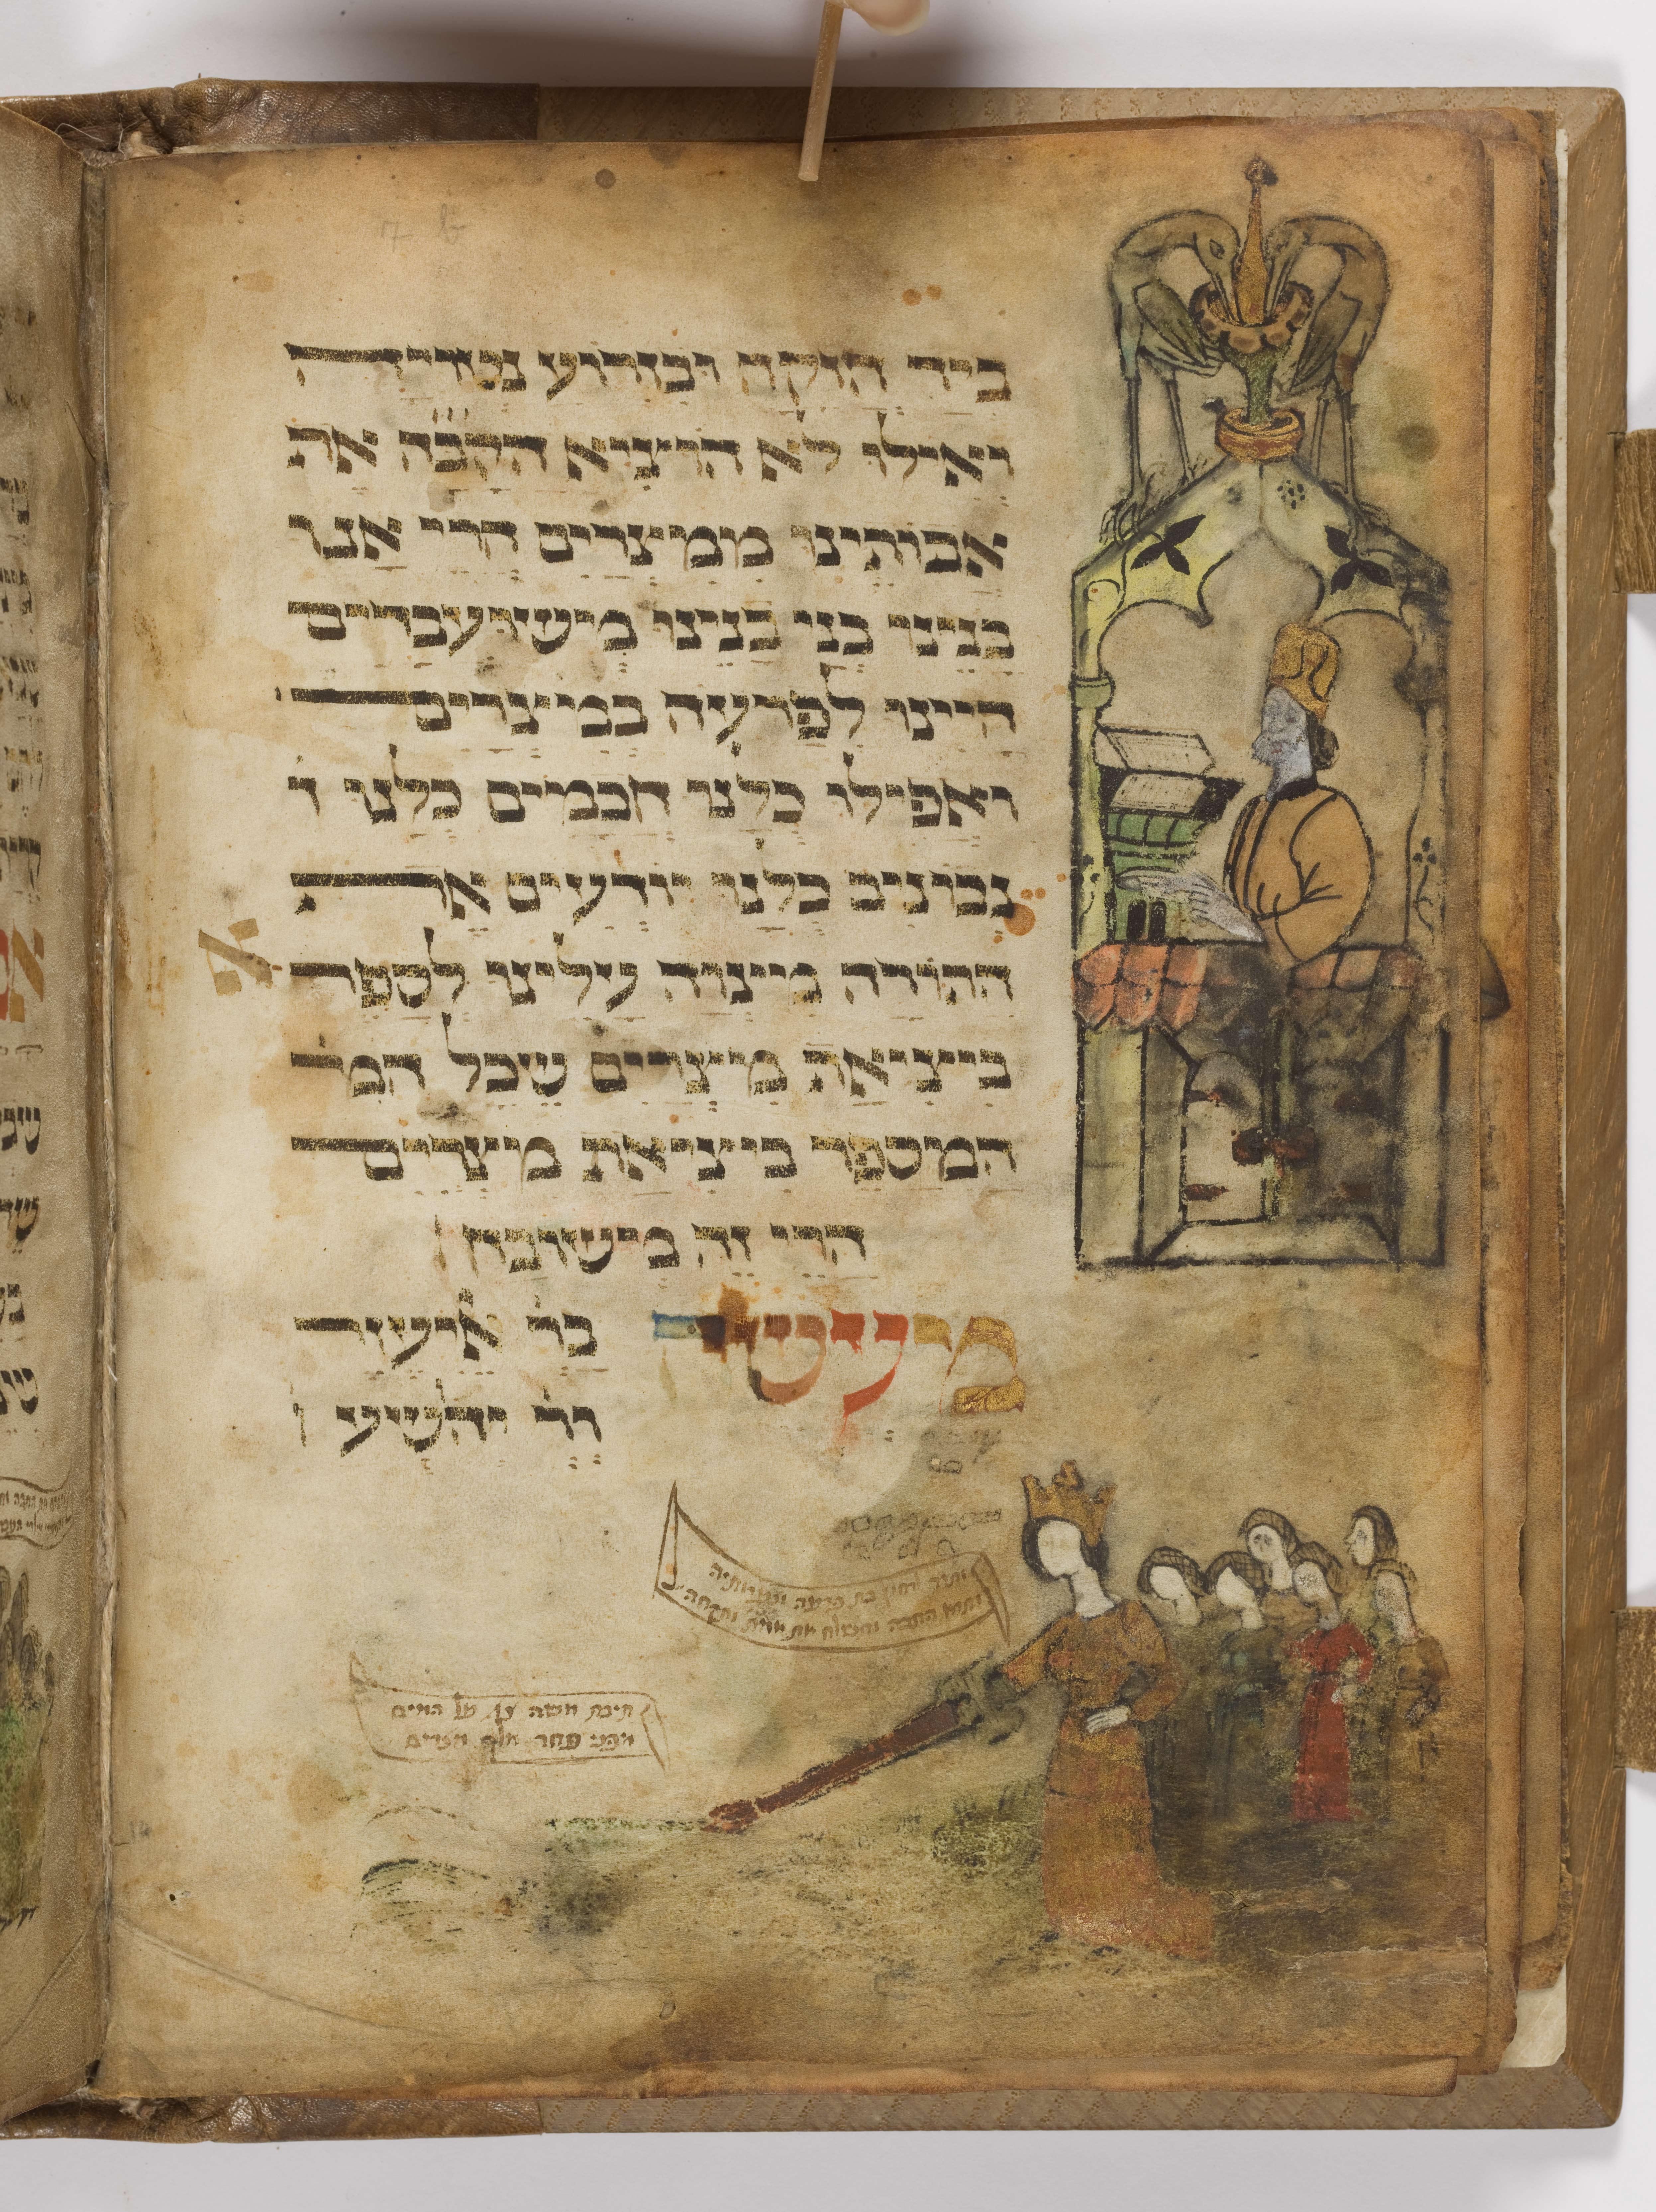 Hébreu biblique : lectures et commentaires, avec Michaël Charny